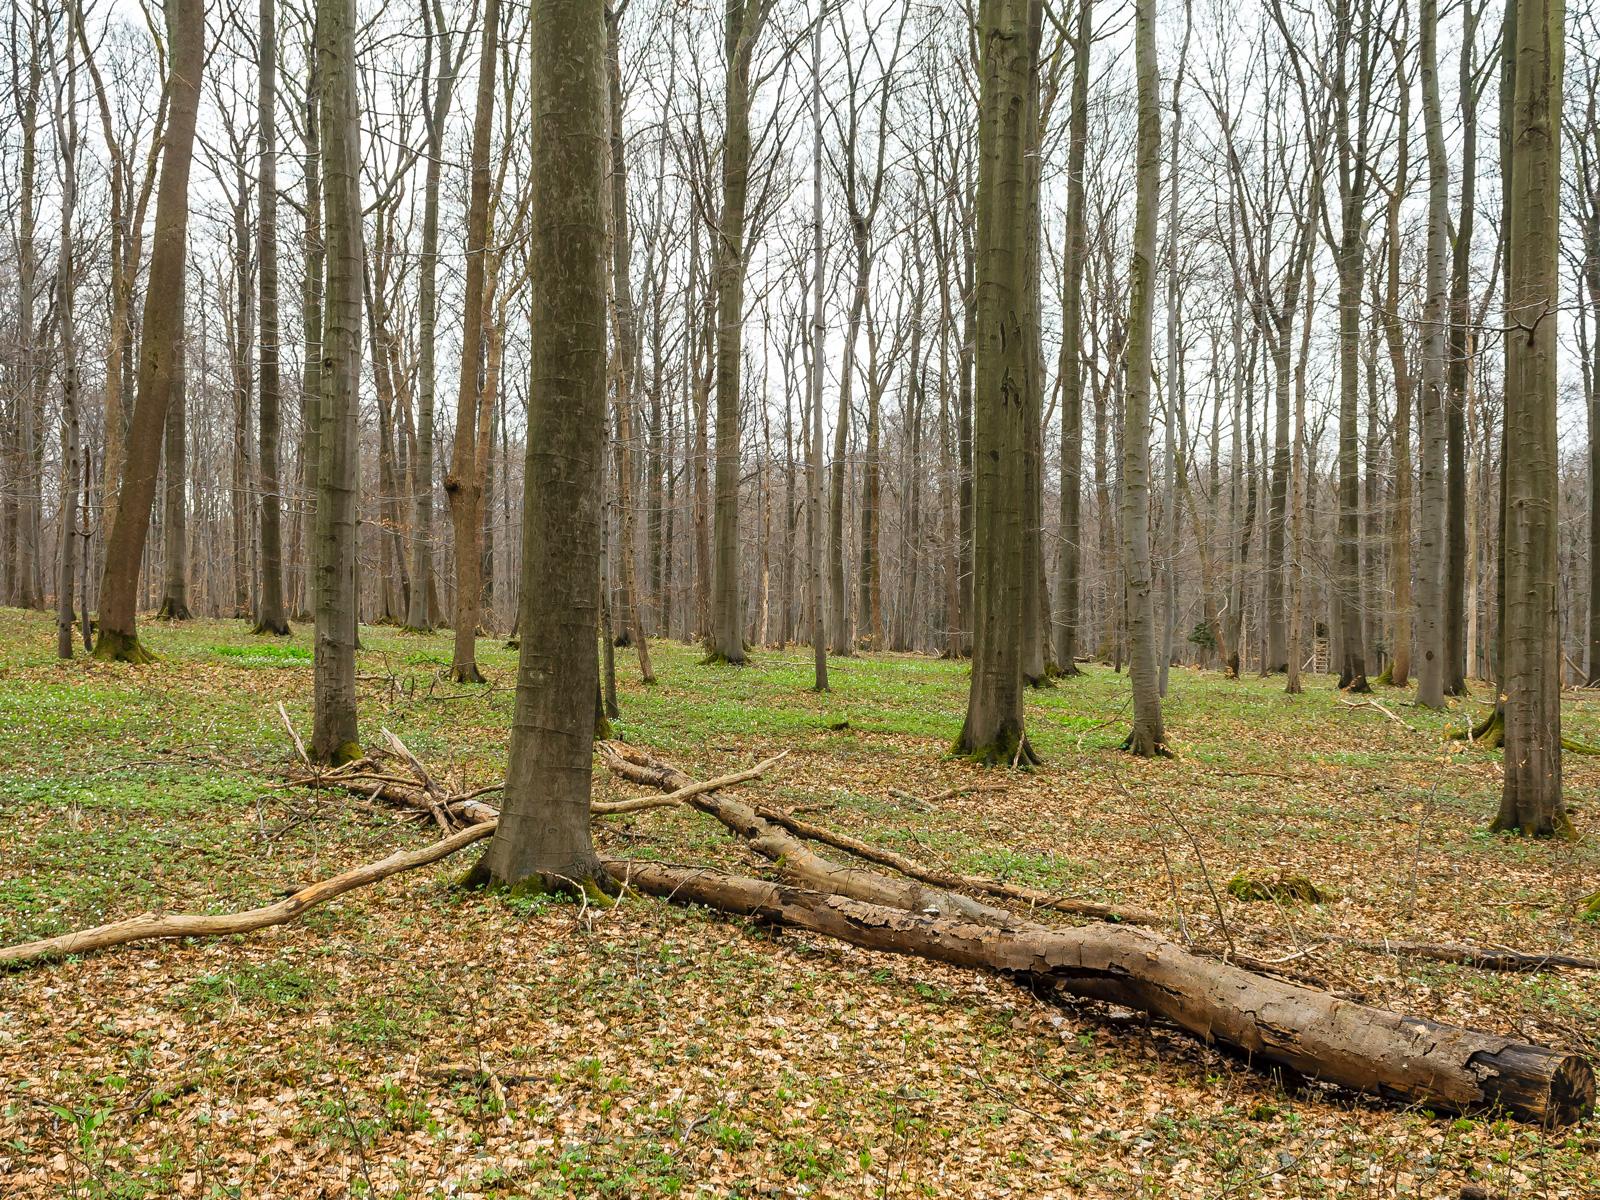 liegender Biotopbaum